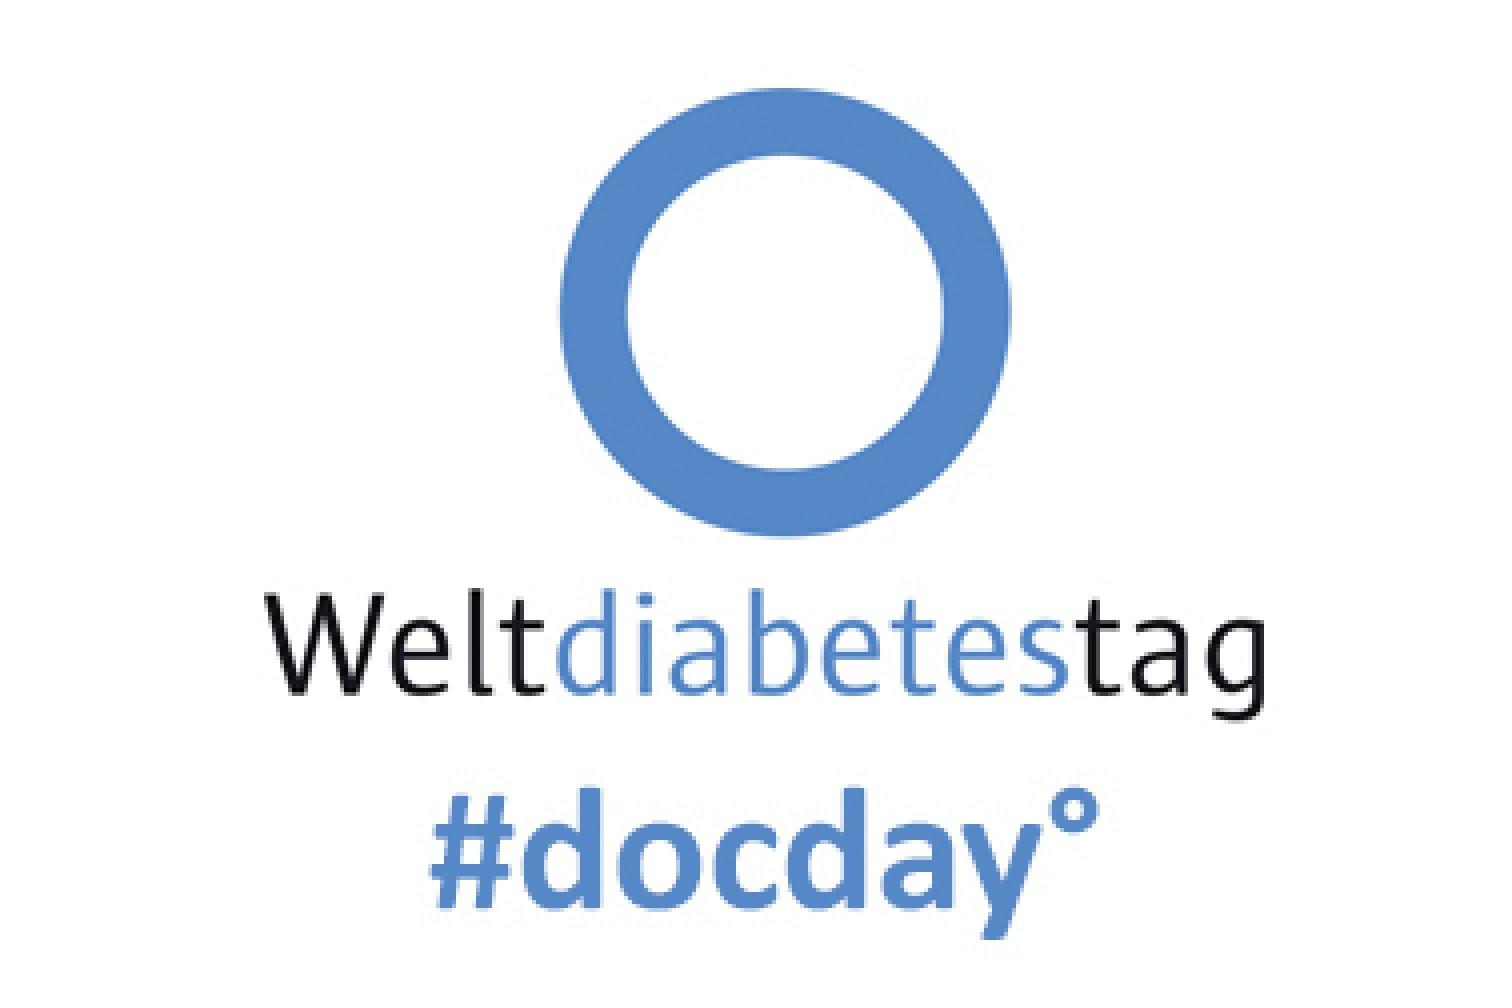 Teaserbild #docday